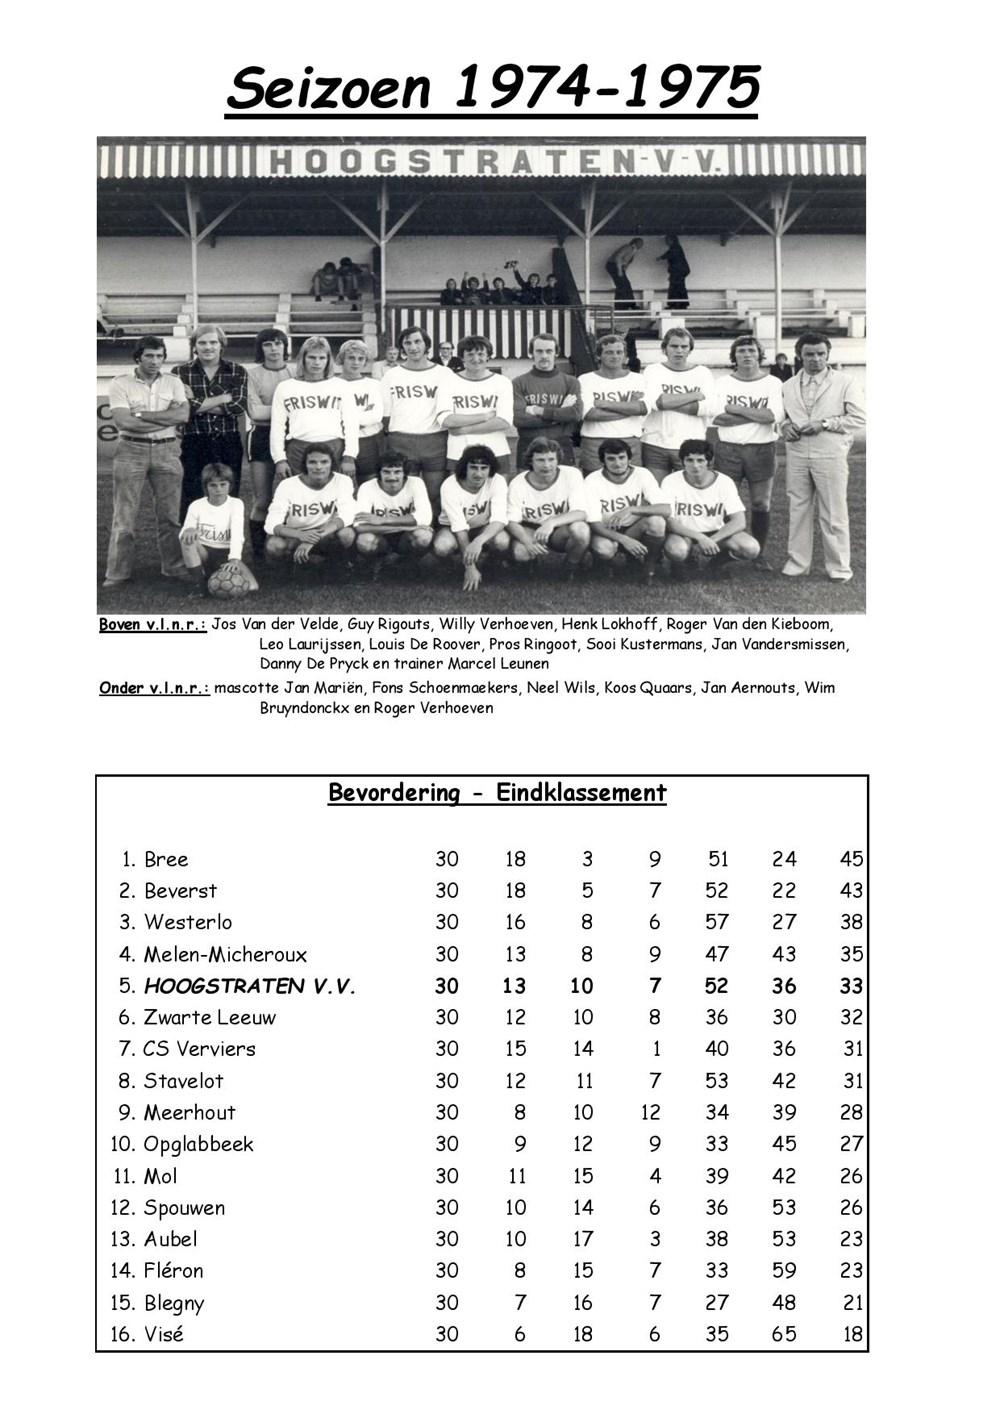 seizoen_1974-1975-page-001.jpg